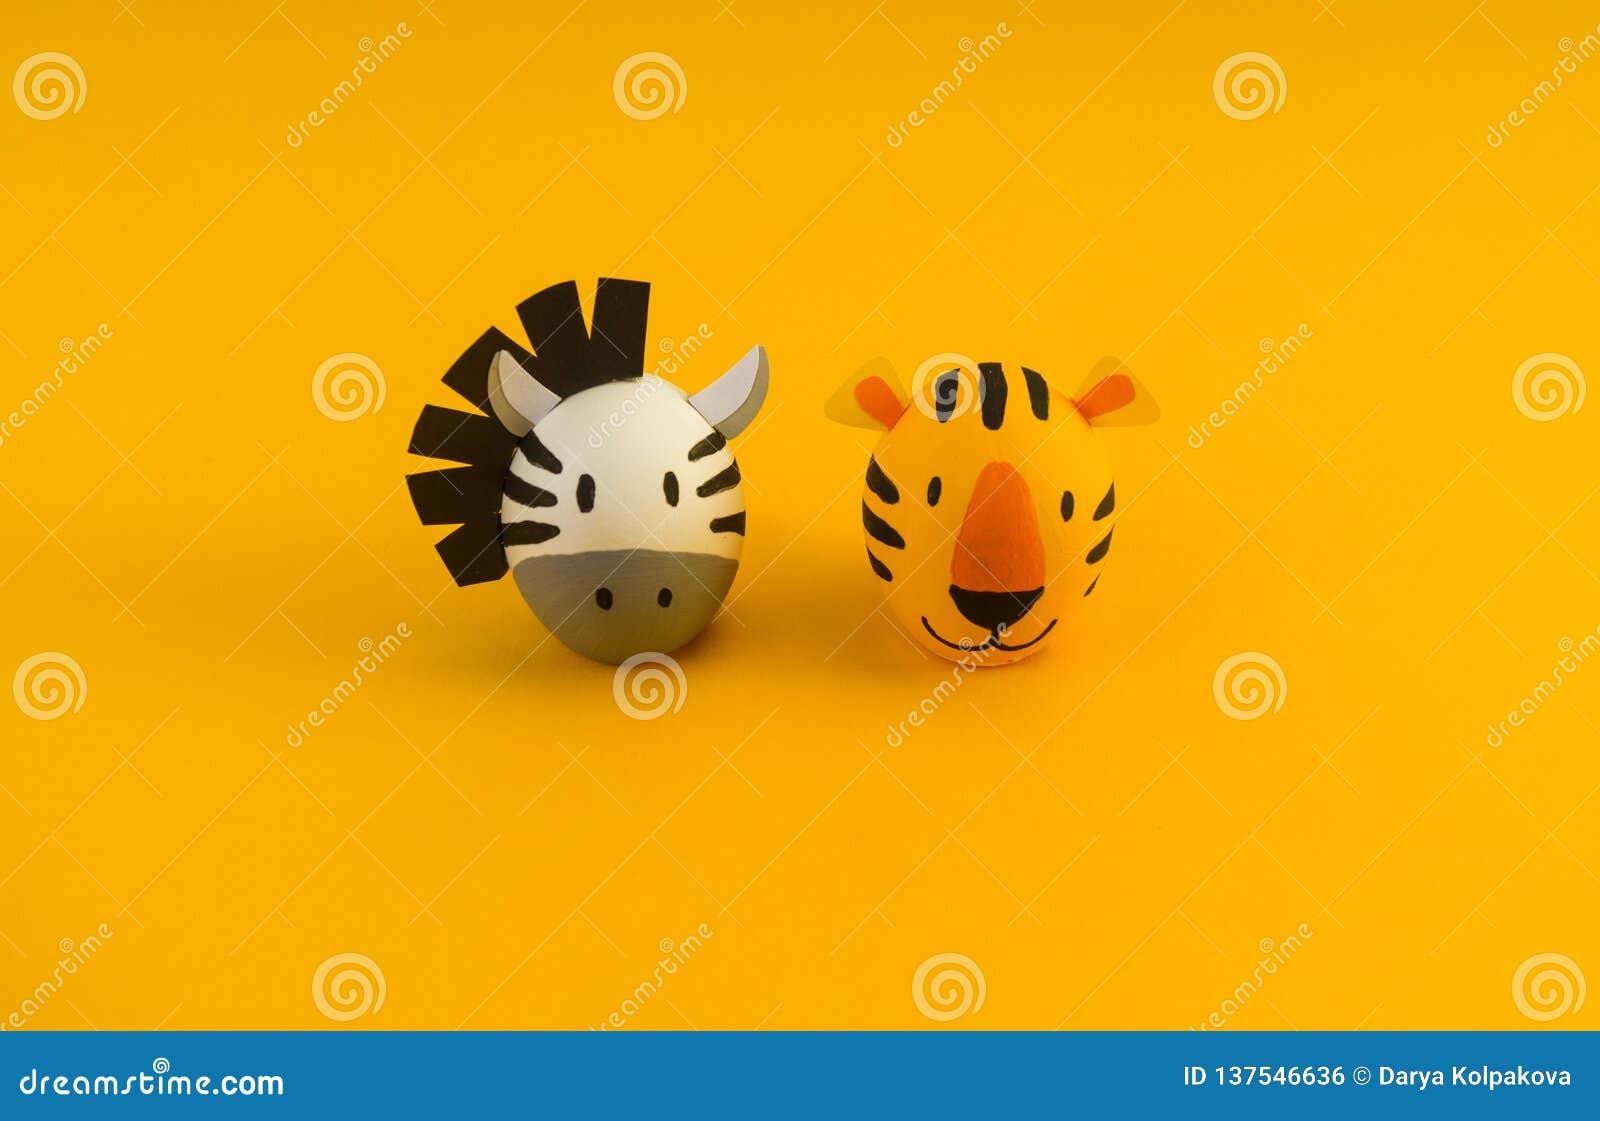 Концепция праздника пасхи с милыми handmade яйцами: оранжевые тигр и зебра